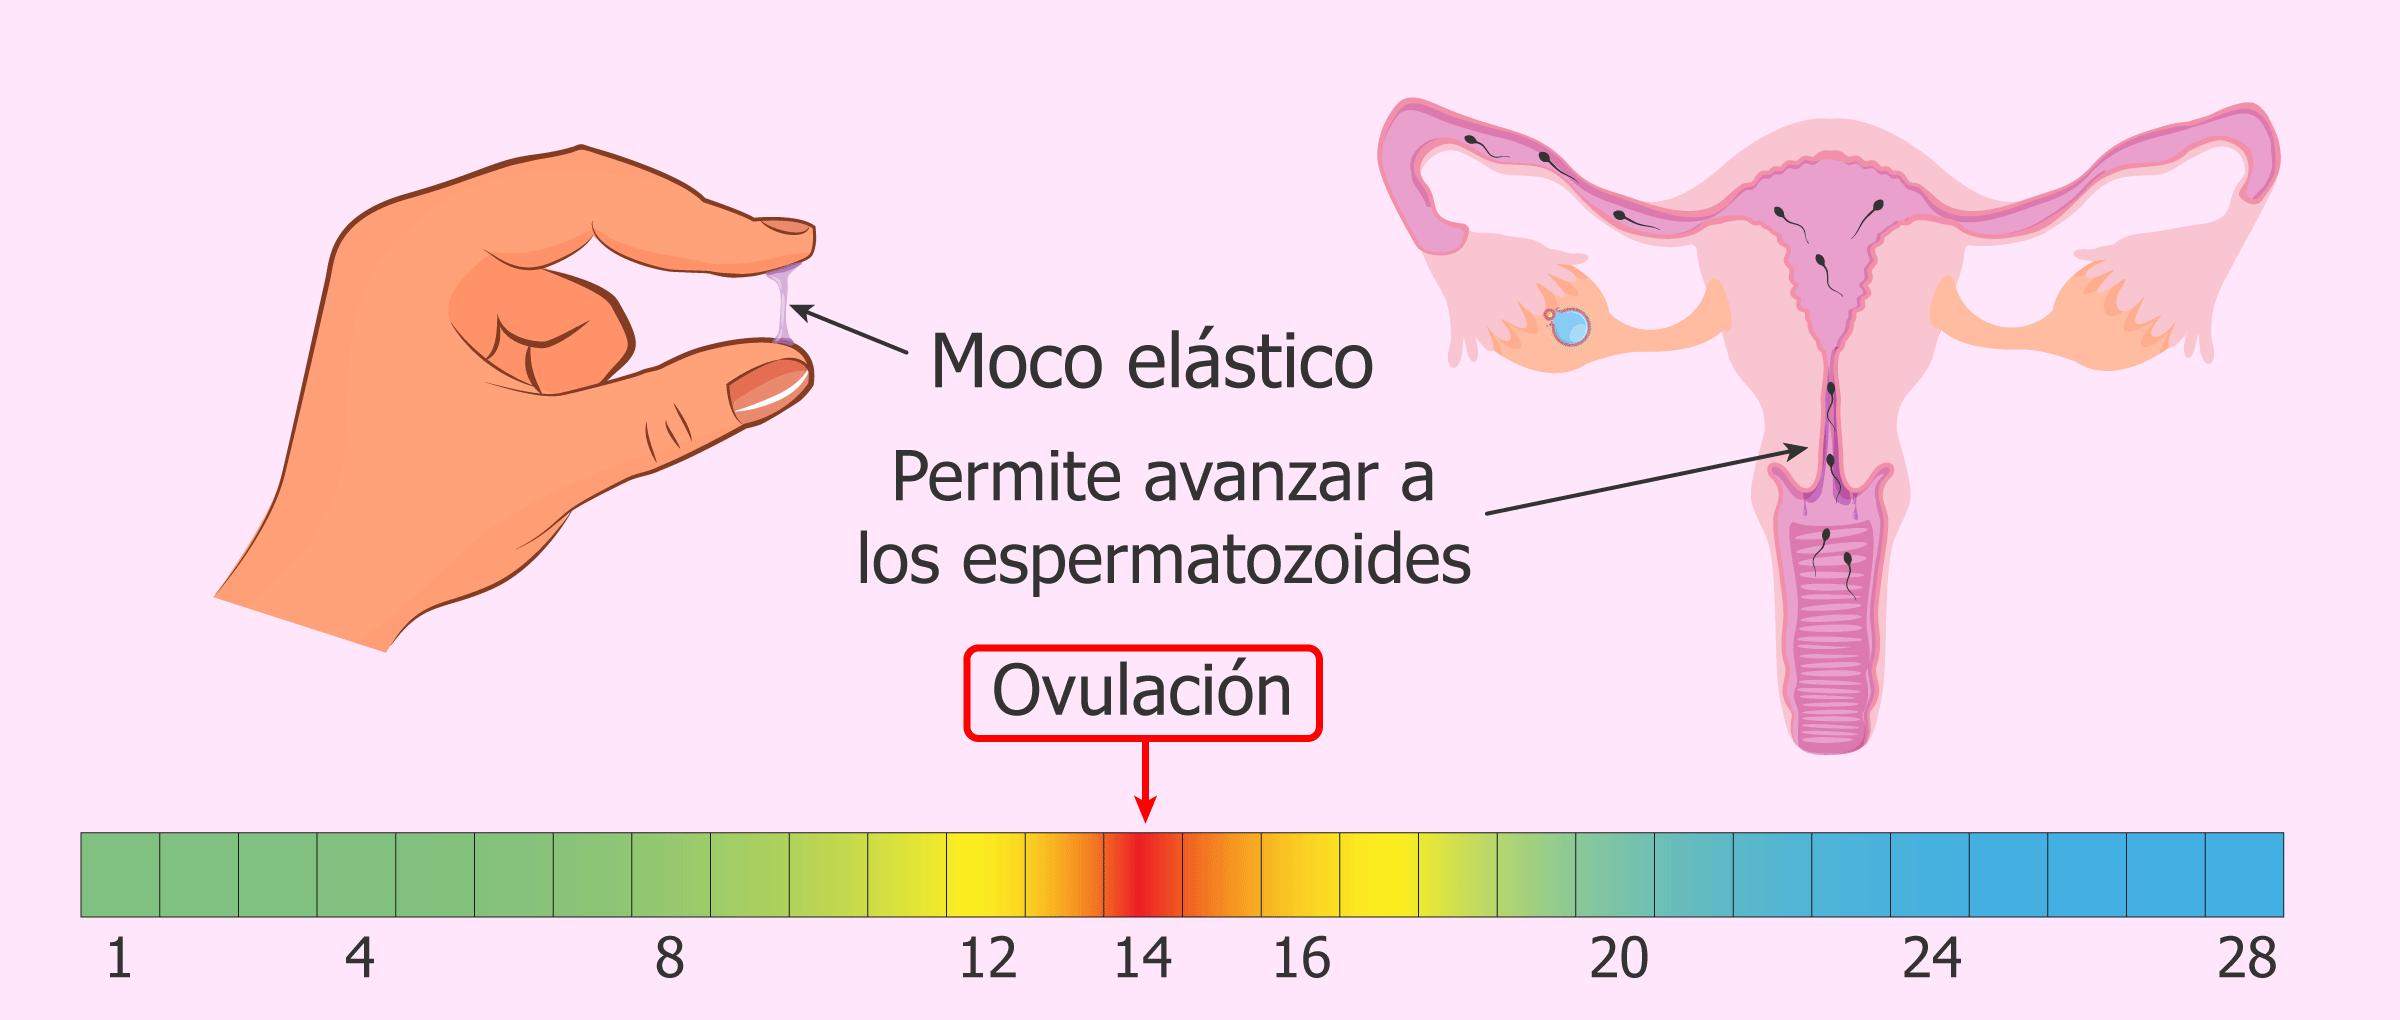 Imagen: Mucosidad cervical en la ovulación